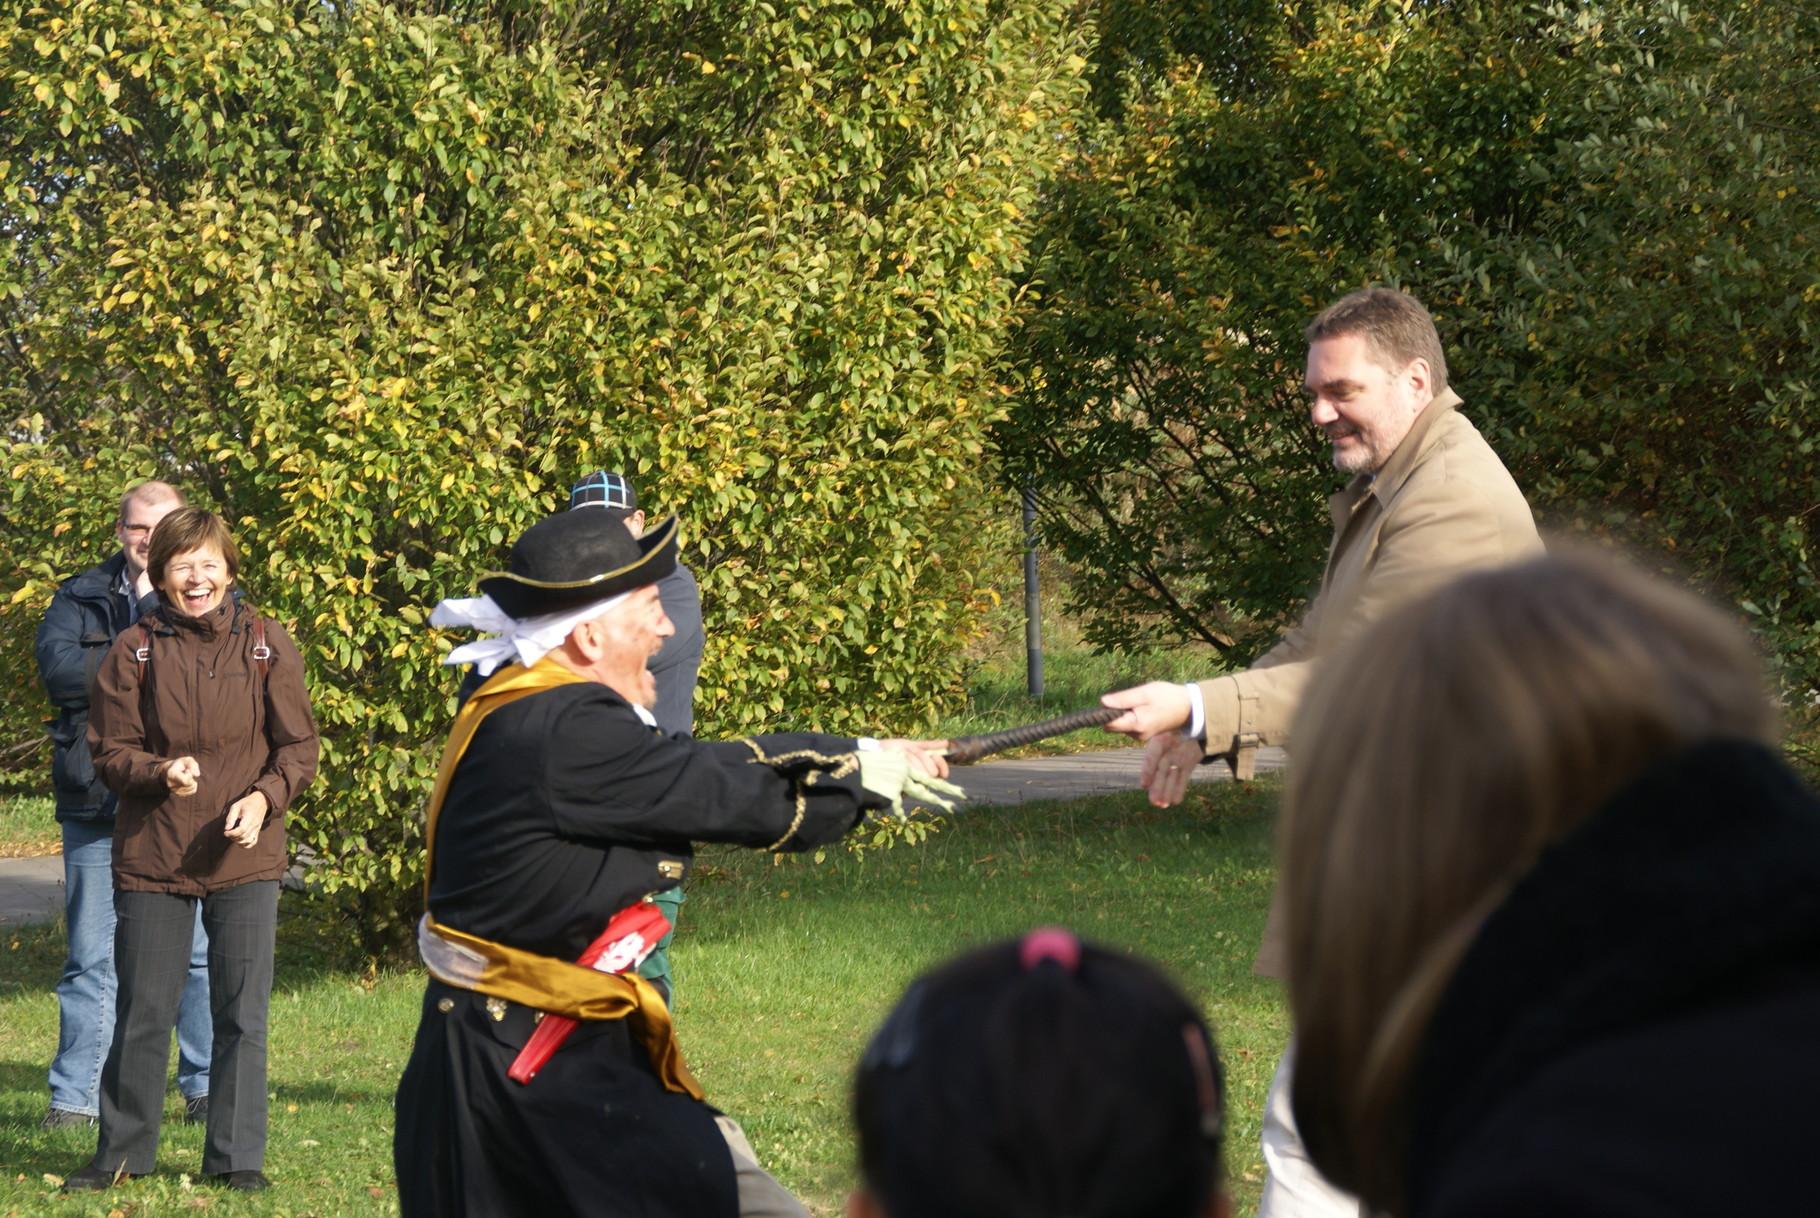 Der Pirat im Gefecht mit dem Bezirksamtsleiter Arne Dornquast